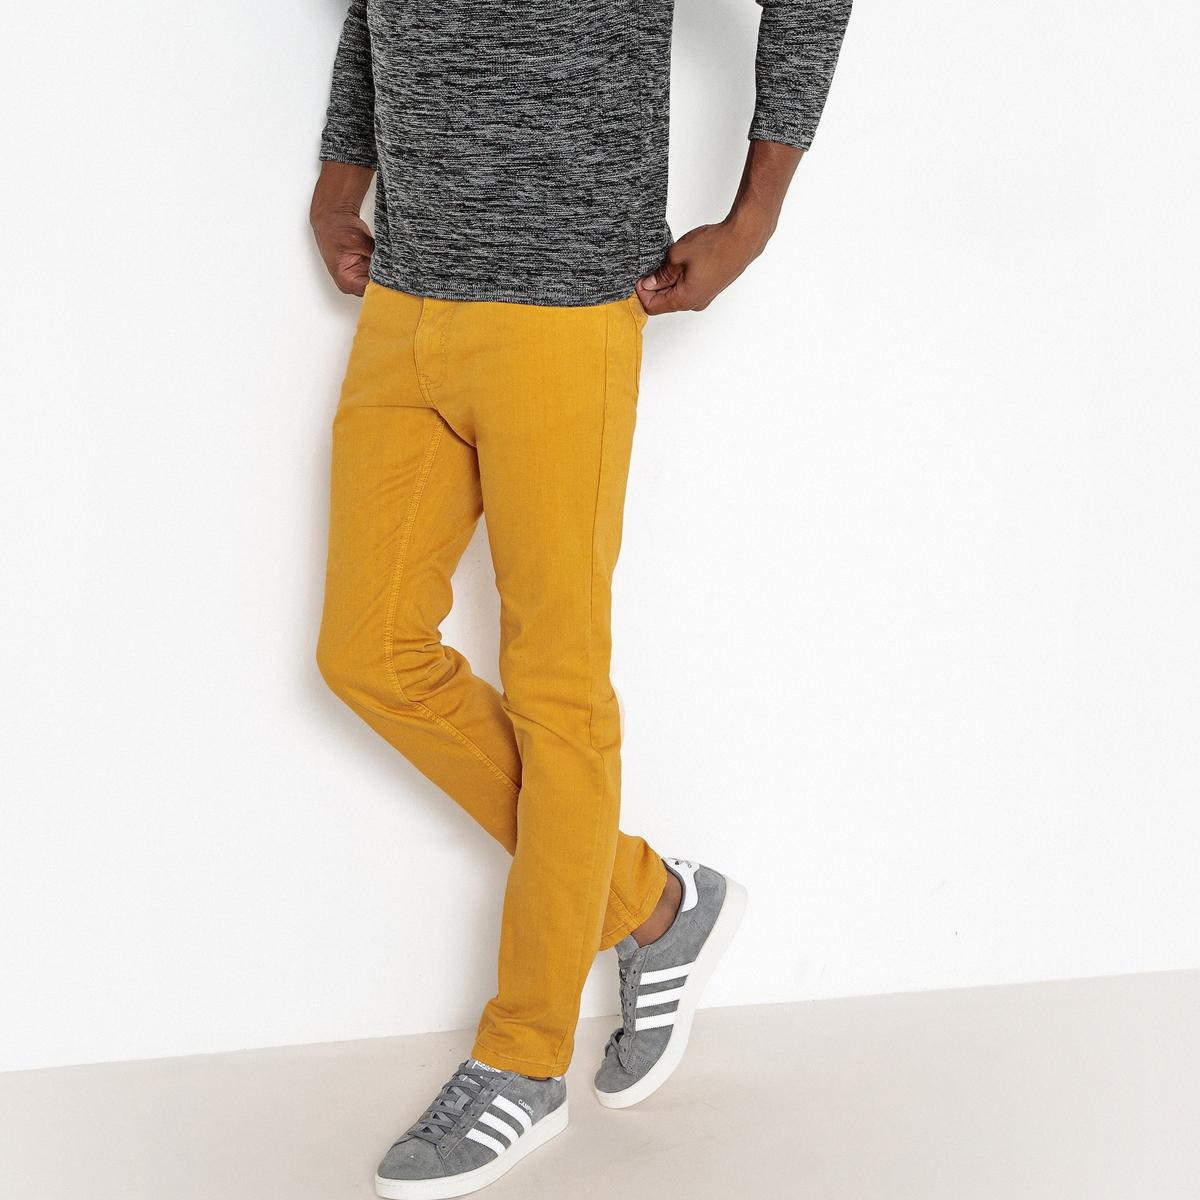 Джинсы La Redoute Узкие 44 (FR) - 50 (RUS) желтый брюки la redoute узкие дудочки с жаккардовым рисунком 50 fr 56 rus черный